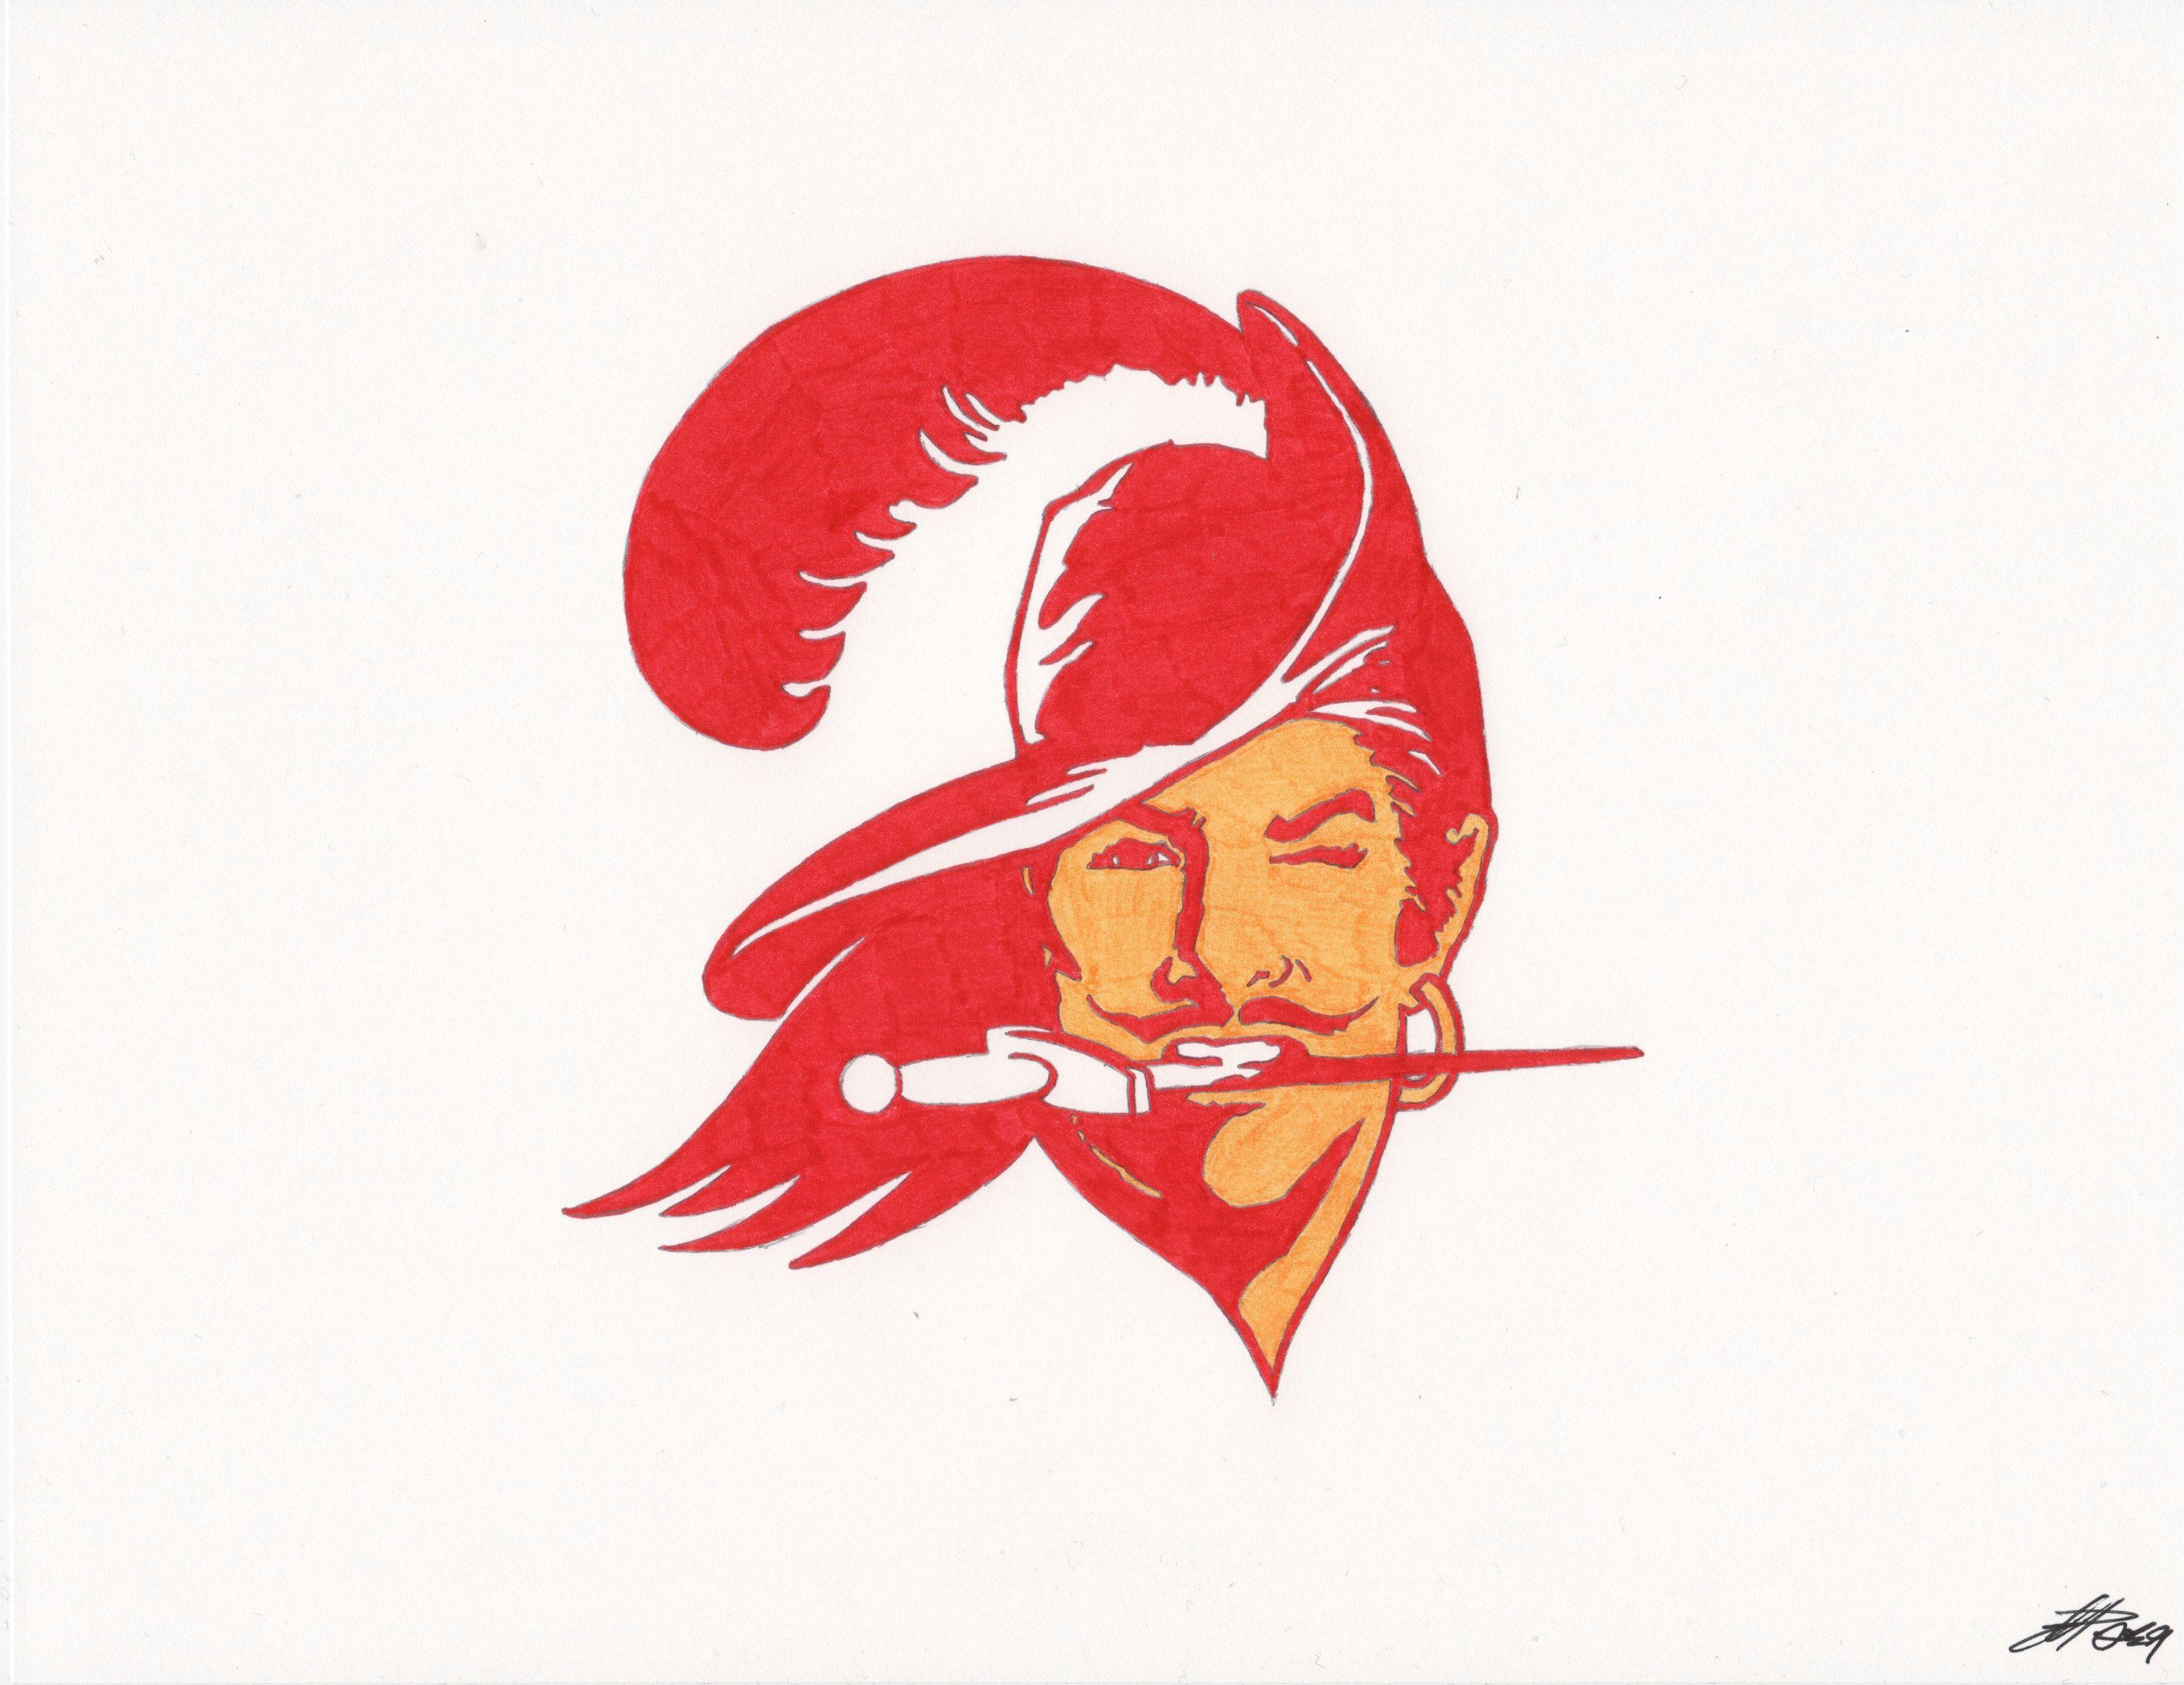 Buccaneers Alternate/Throwback helmet Tampa bay